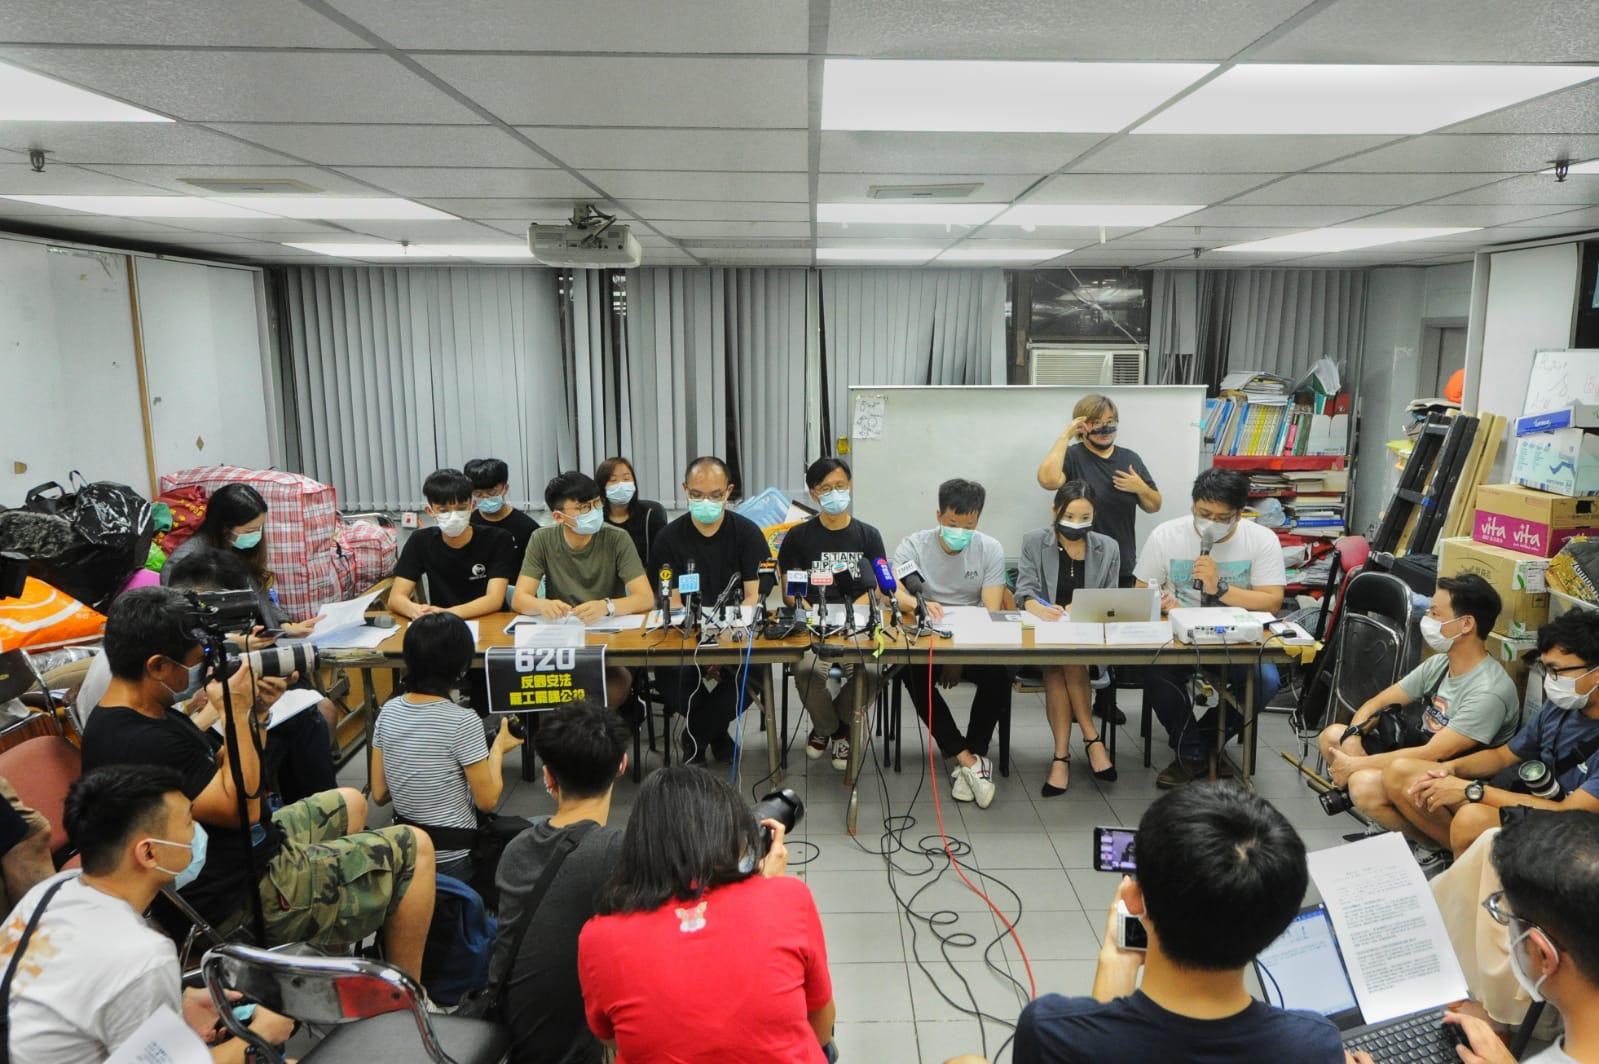 6月18日,工會及學生組織代表公佈6月20日公投的安排。(宋碧龍/大紀元)